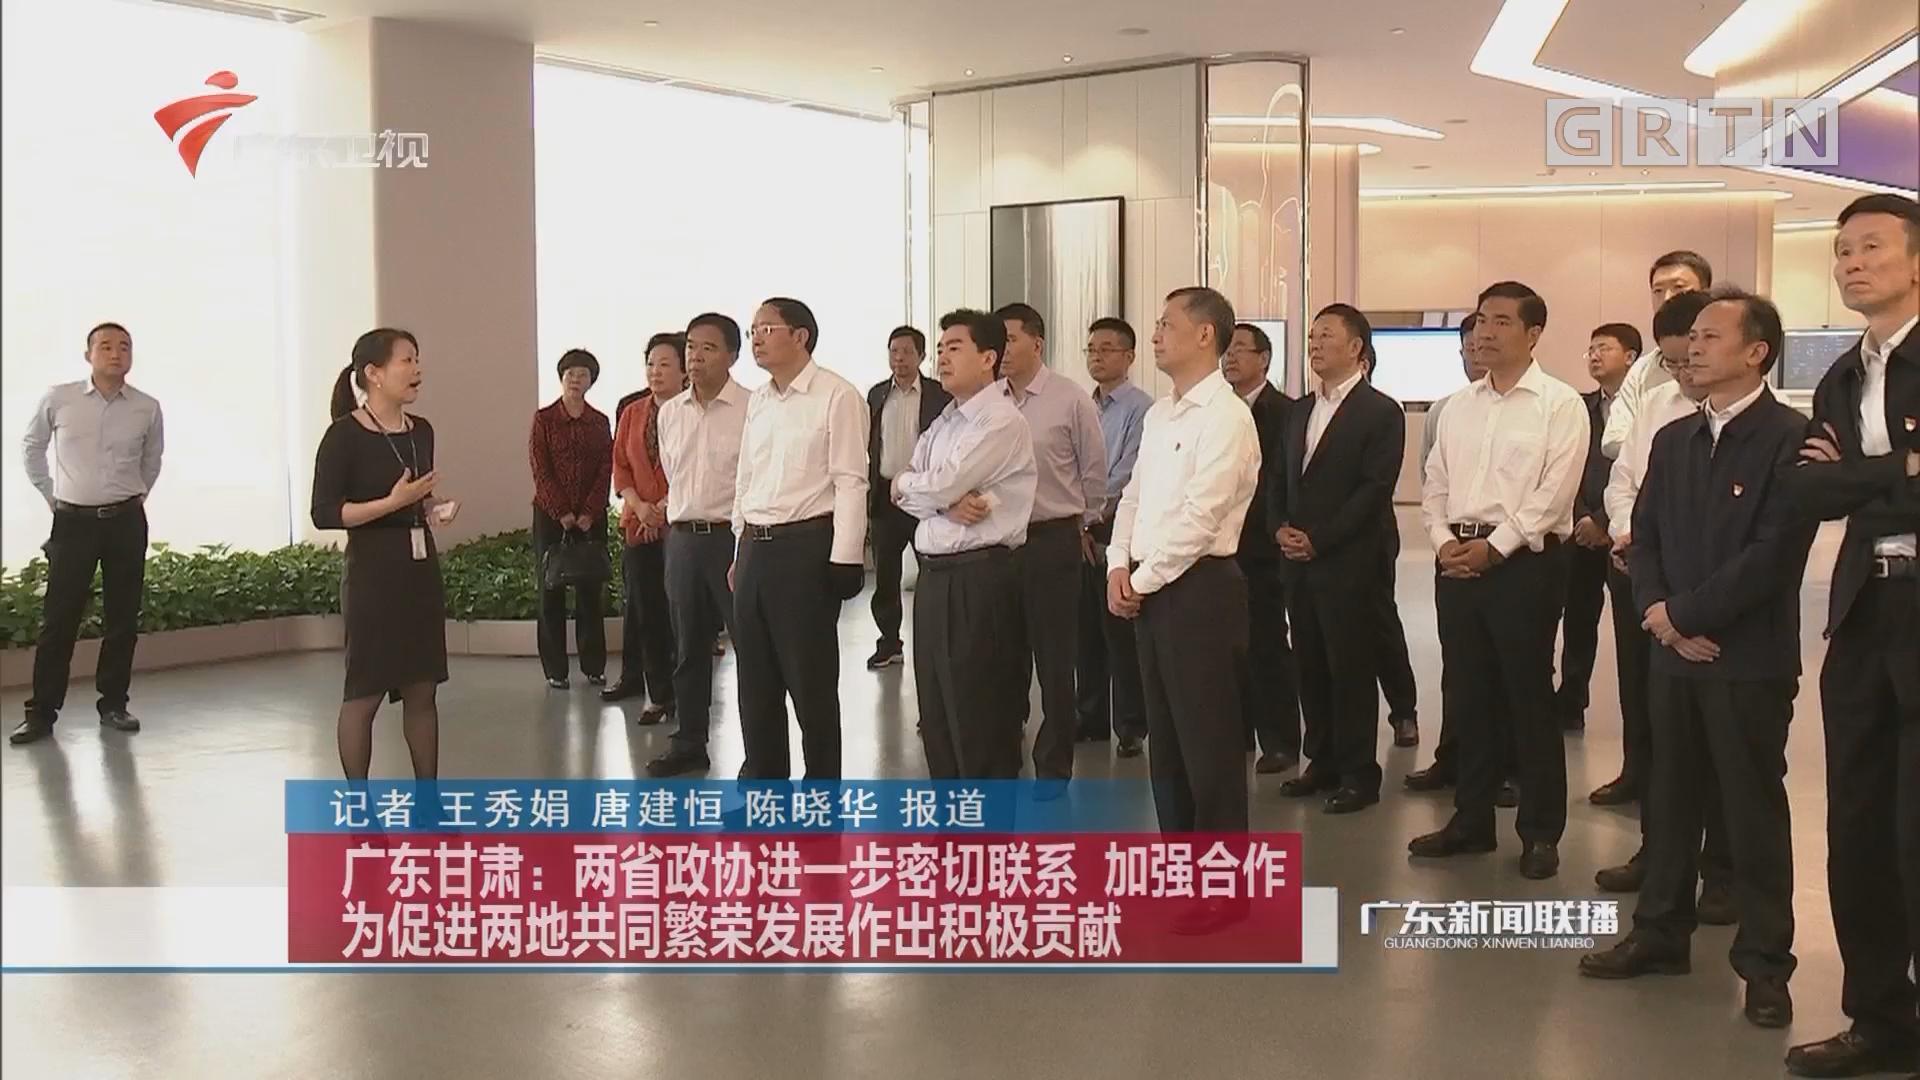 广东甘肃:两省政协进一步密切联系 加强合作 为促进两地共同繁荣发展作出积极贡献